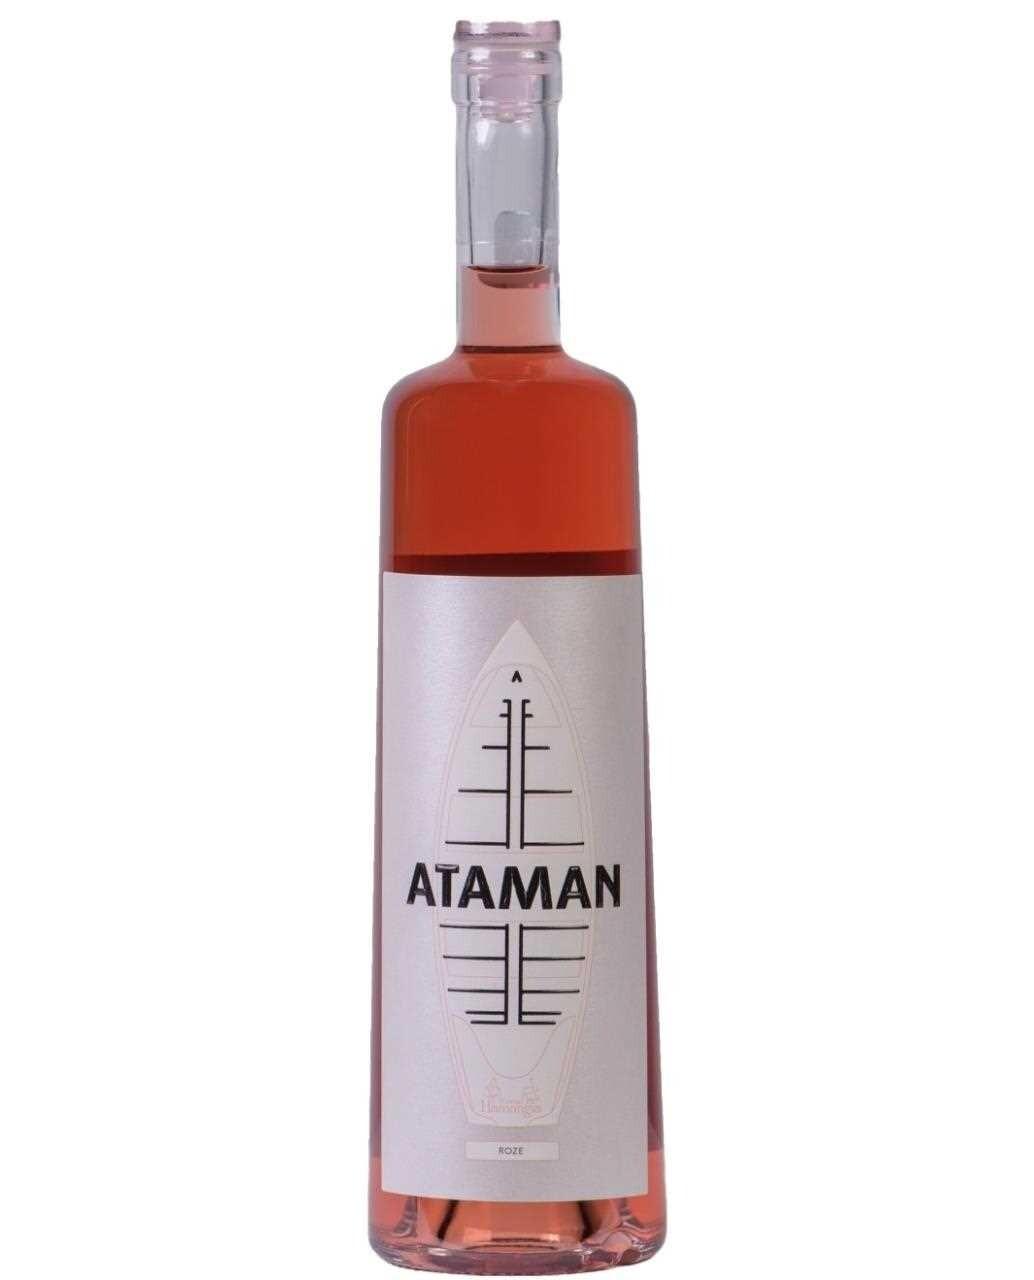 Hamangia Ataman Cabernet Sauvignon Rose